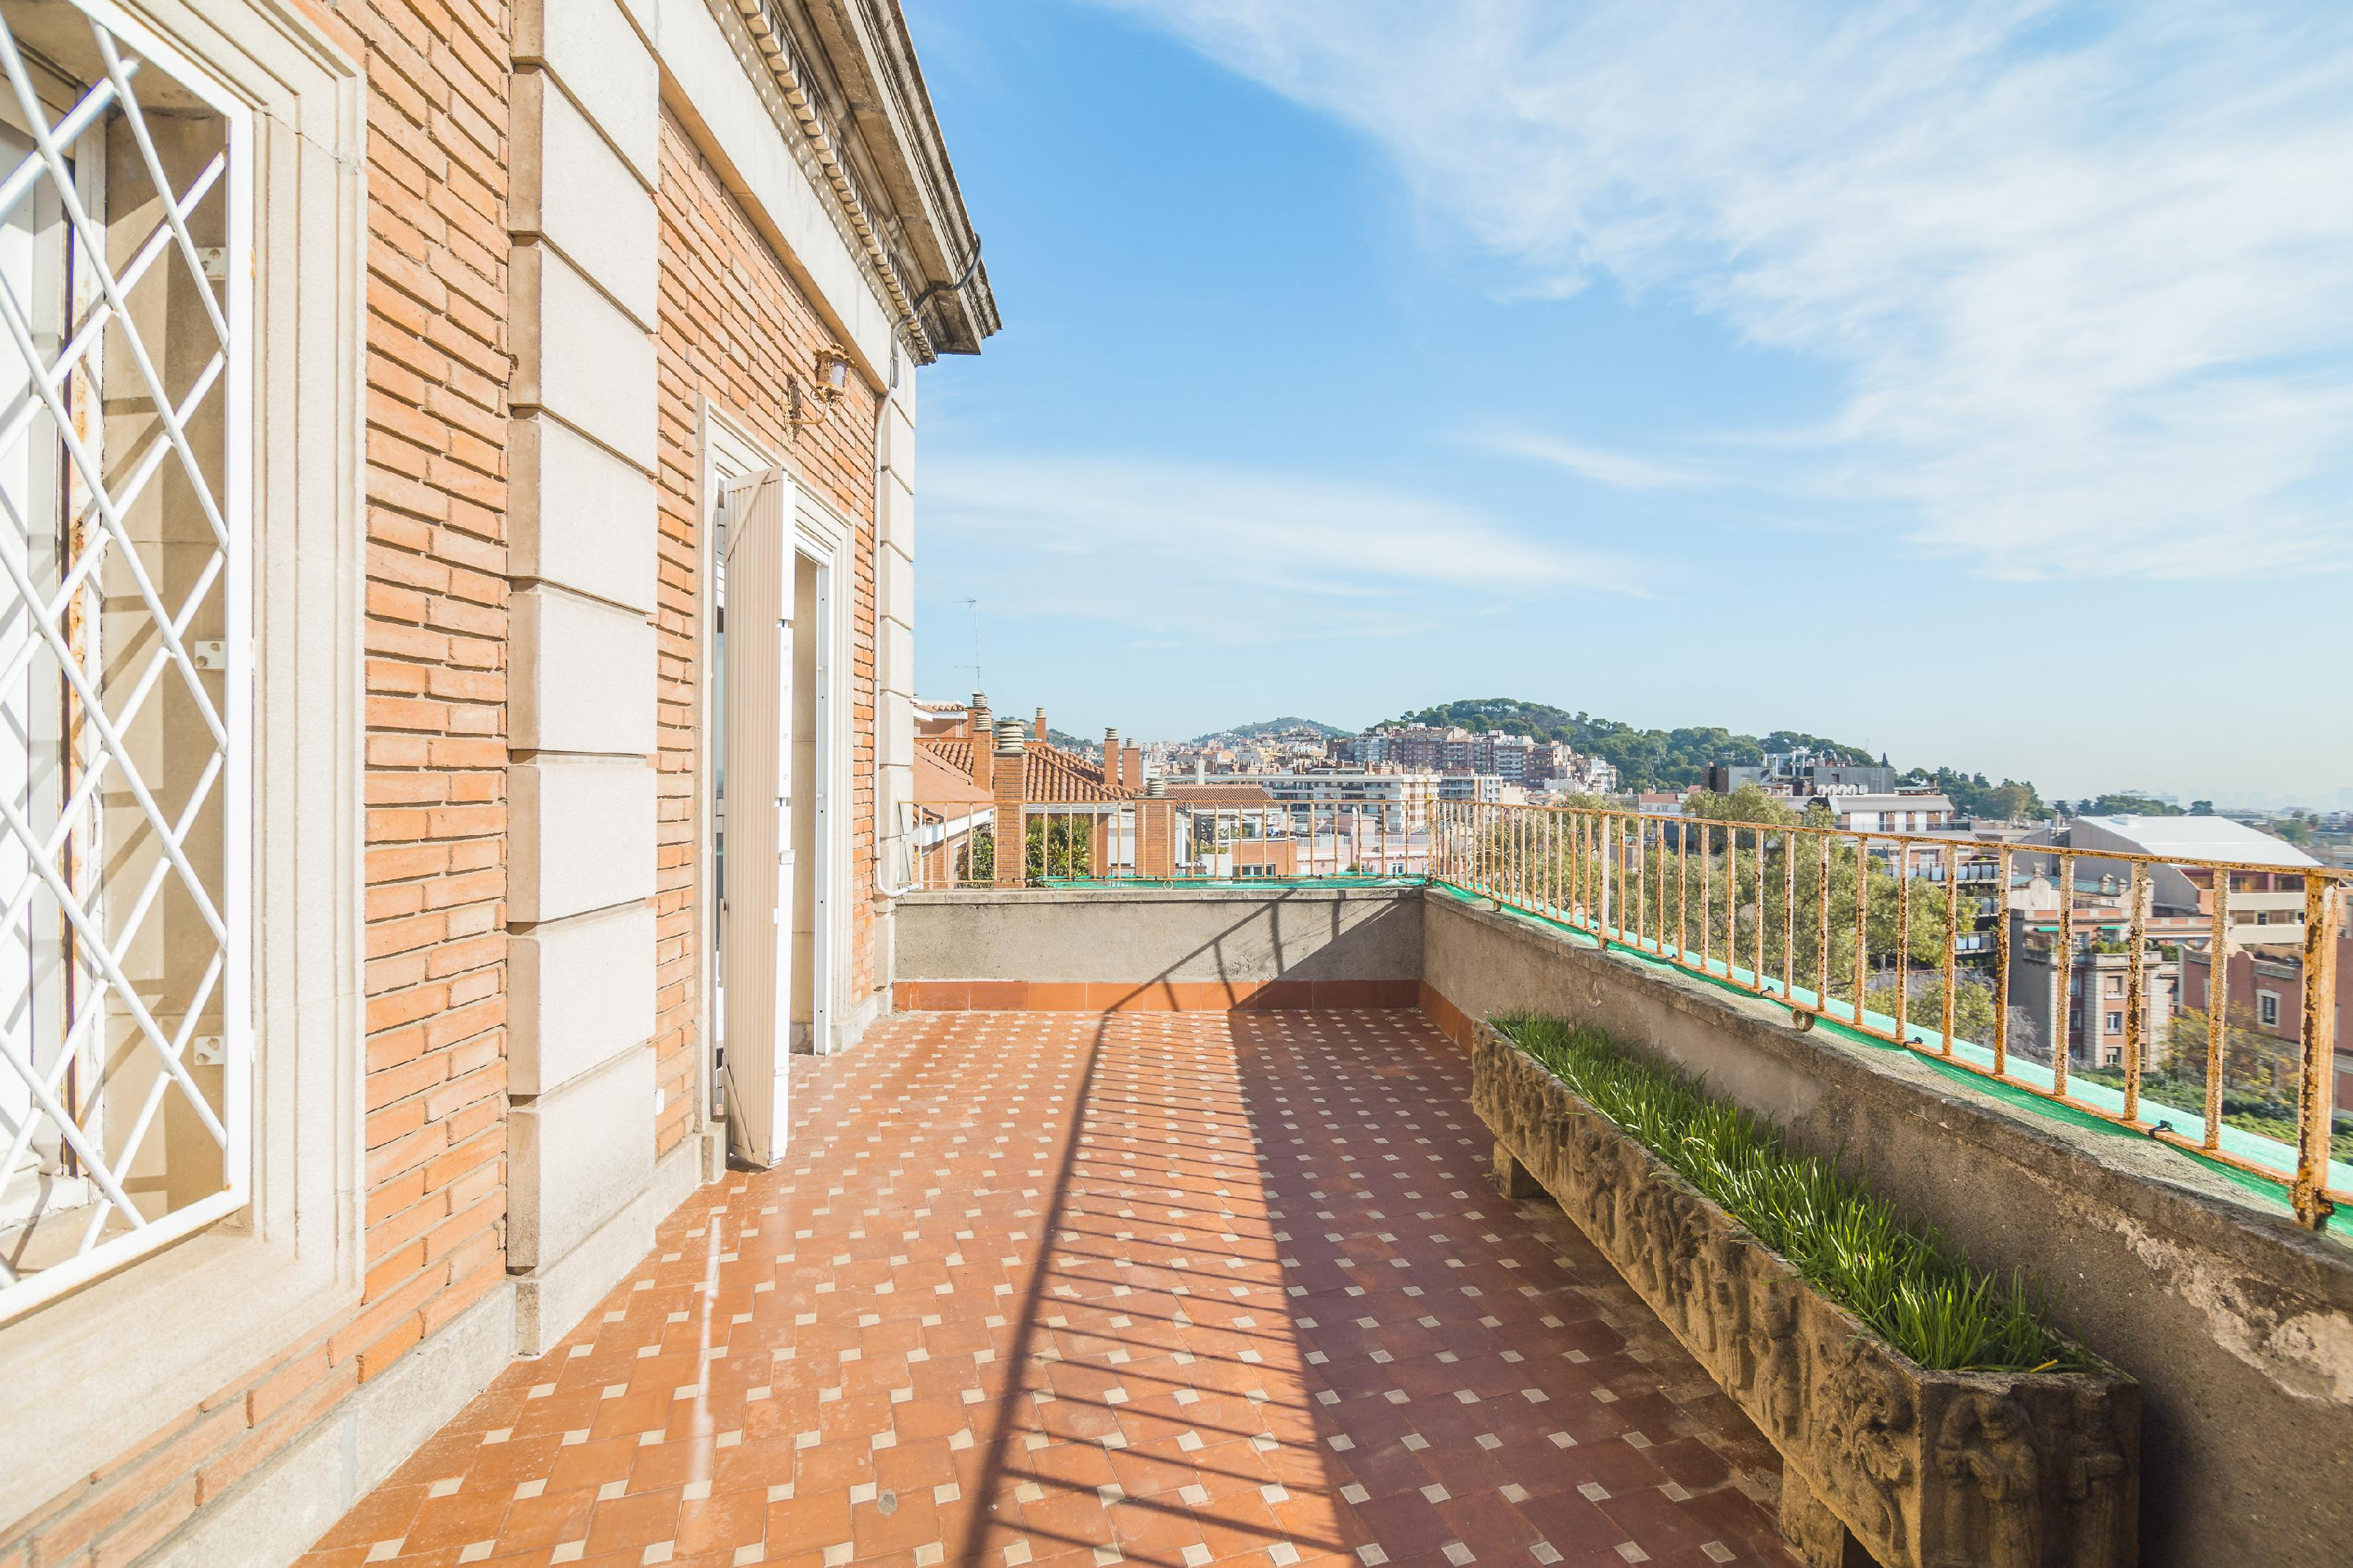 246643 Penthouse for sale in Sarrià-Sant Gervasi, St. Gervasi-Bonanova 4